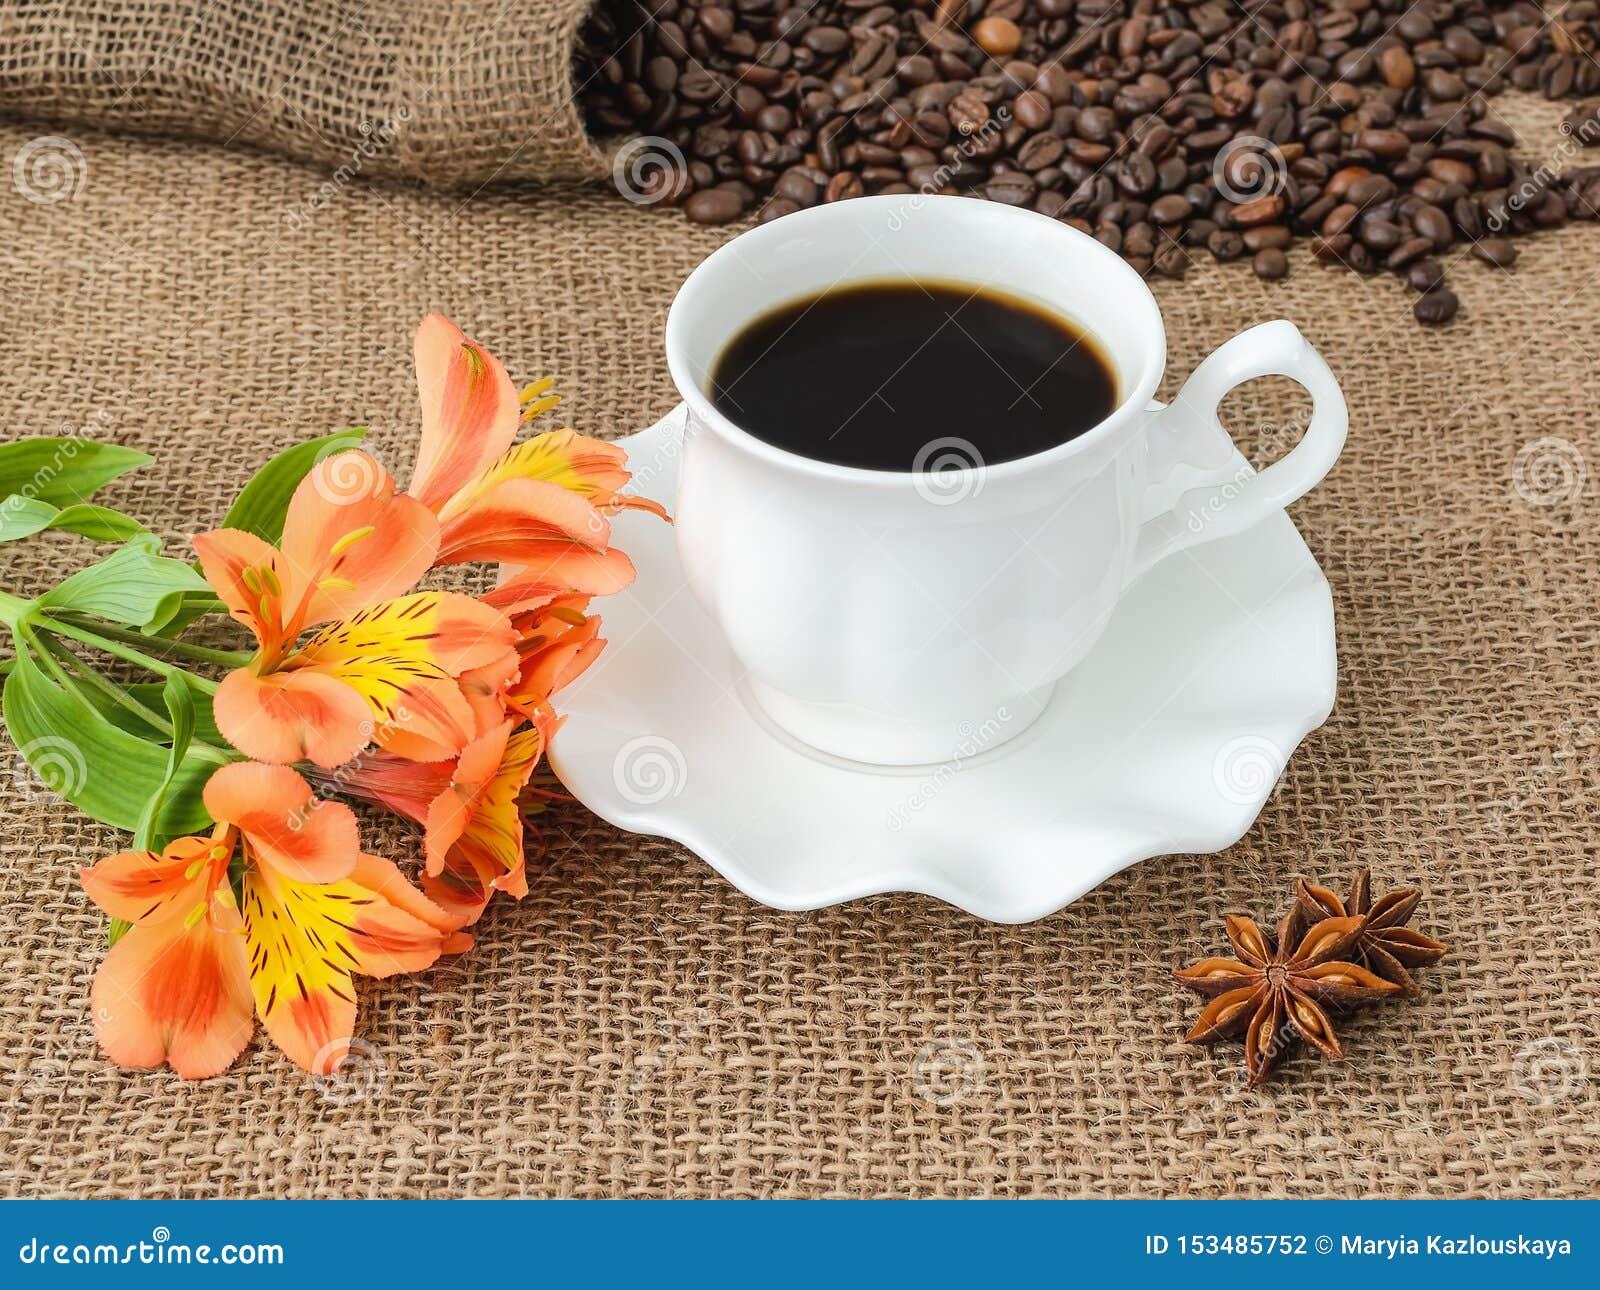 Flor alaranjada do lírio peruano, café quente no copo elegante branco com pires e dispersão de feijões de café no pano de saco rú